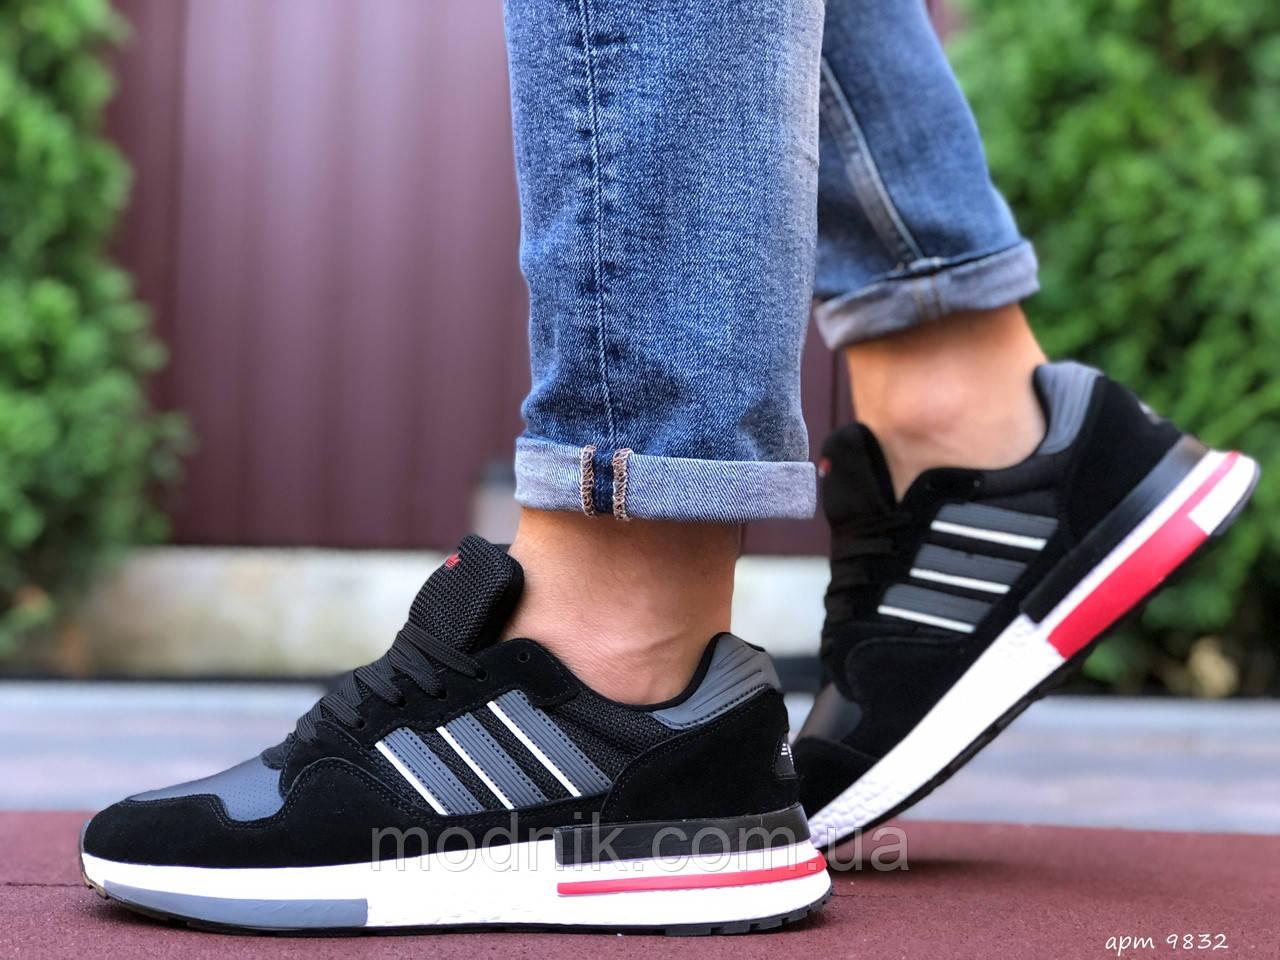 Мужские кроссовки Adidas Zx 500 Rm (черно-белые с красным) 9832